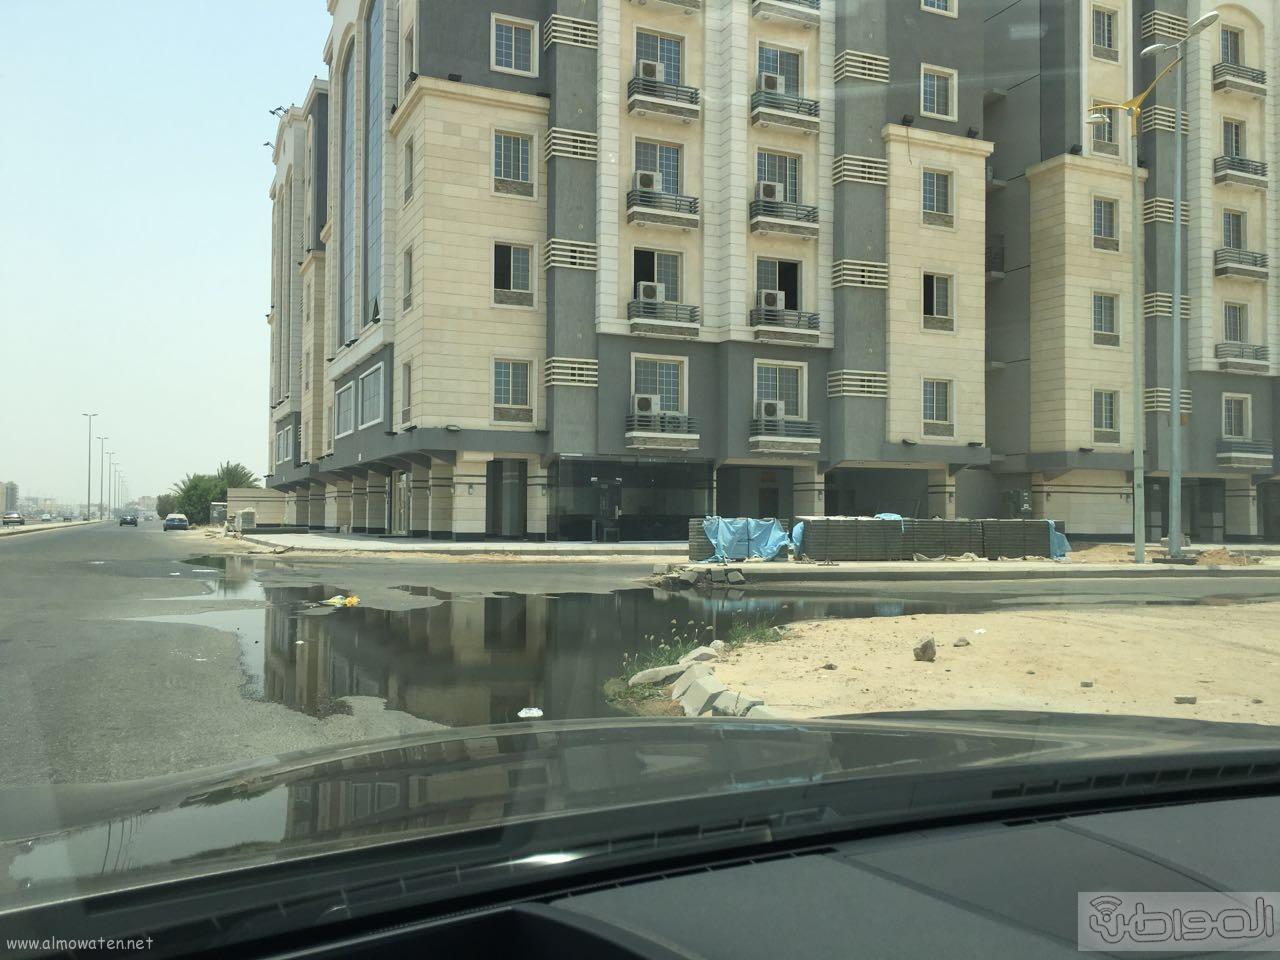 مياه الصرف الصحي تؤرق أهالي حي الورود بجدة (1)